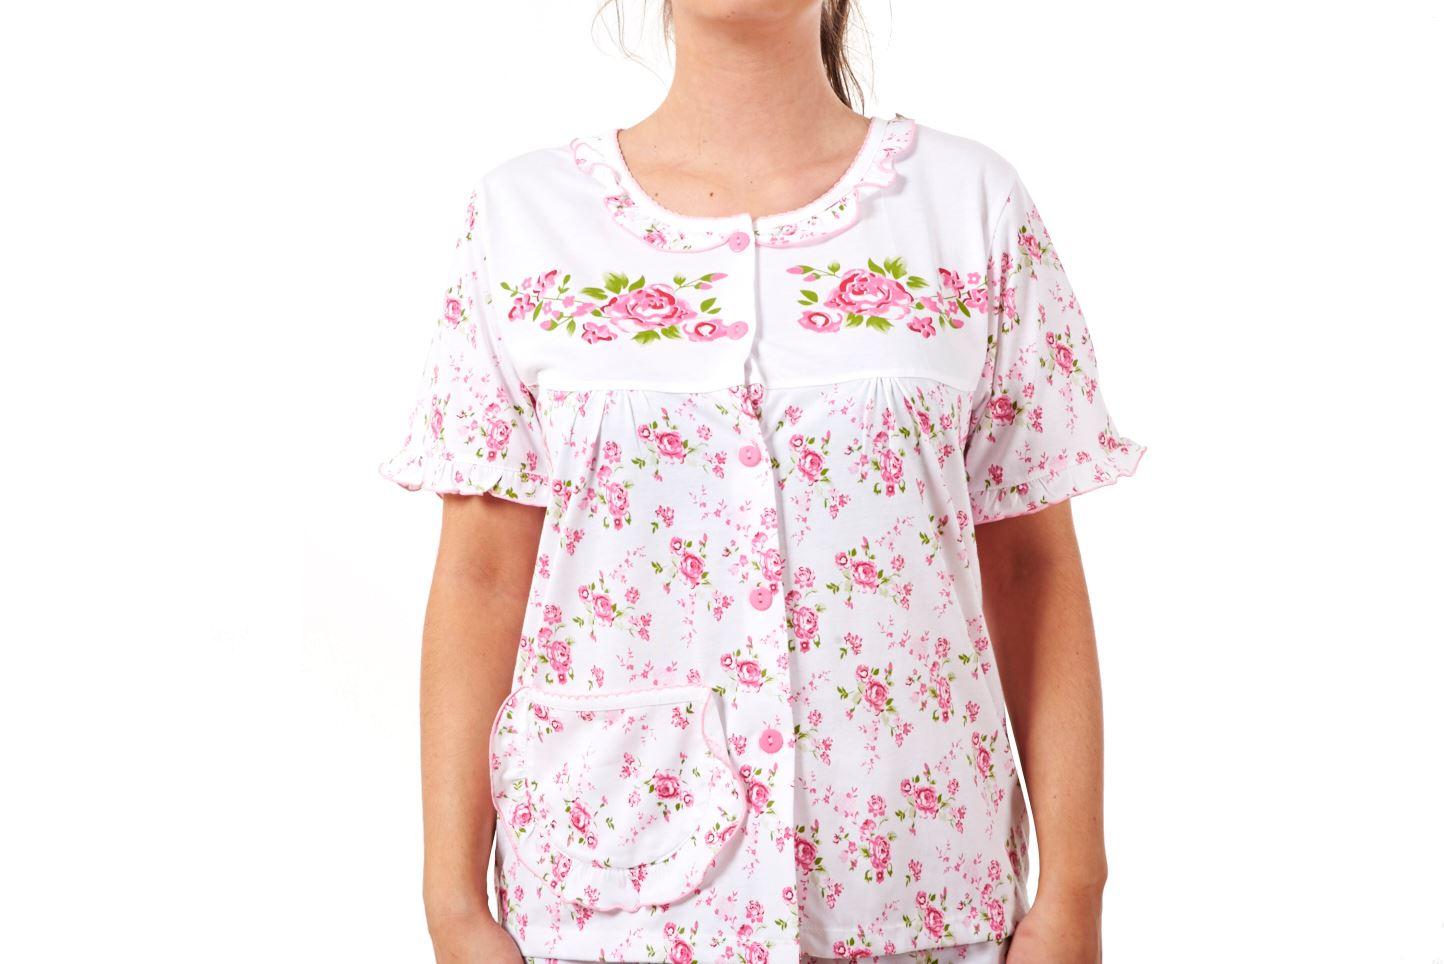 ab56de8501 Item Description. Ladies Women Pyjama Sets Floral Cotton Short Sleeve Button  New Nightwear ...